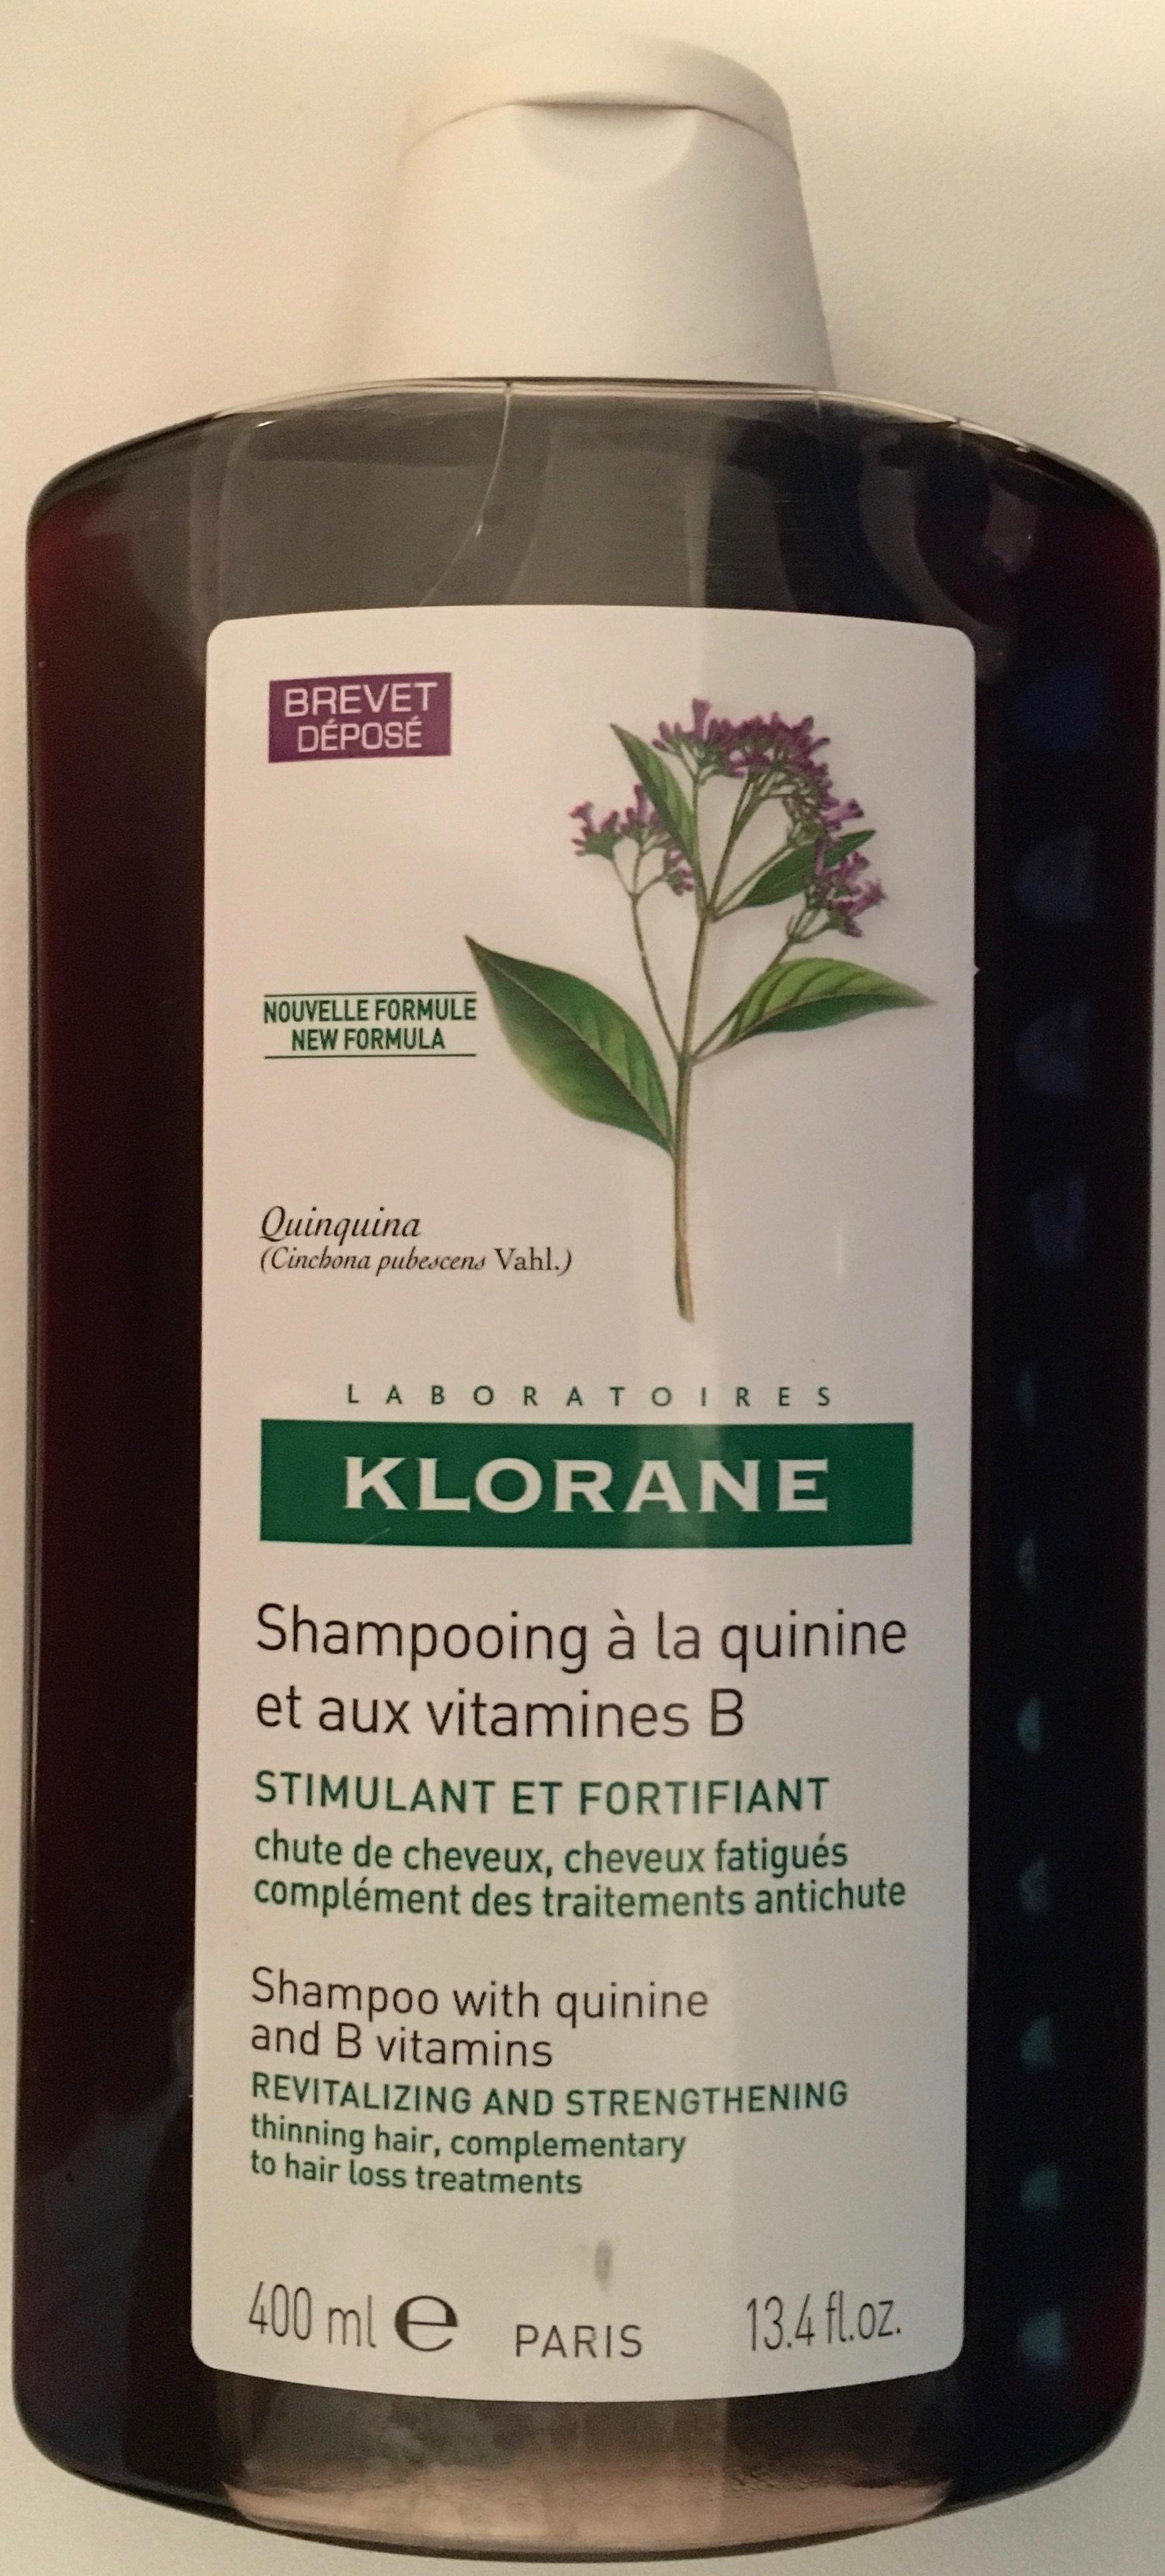 Shampooing à la quinine et aux vitamines B - Produit - fr